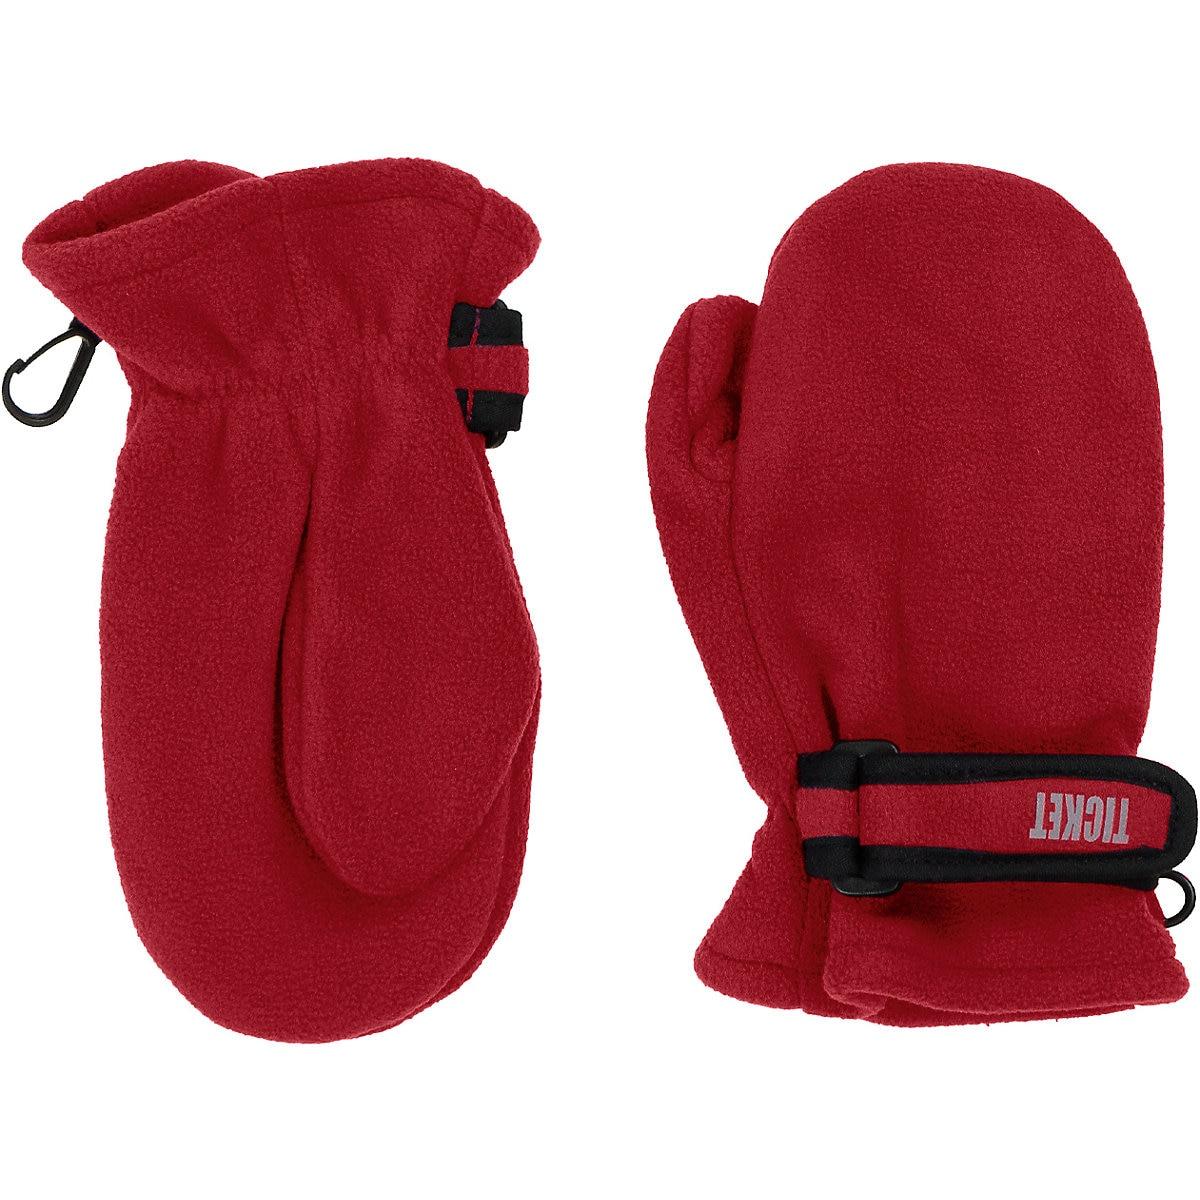 Ticket To Heaven Gloves & Mittens 8882649 Glove Mitten Winter Clothes For Children Girls Boys Girl Boy